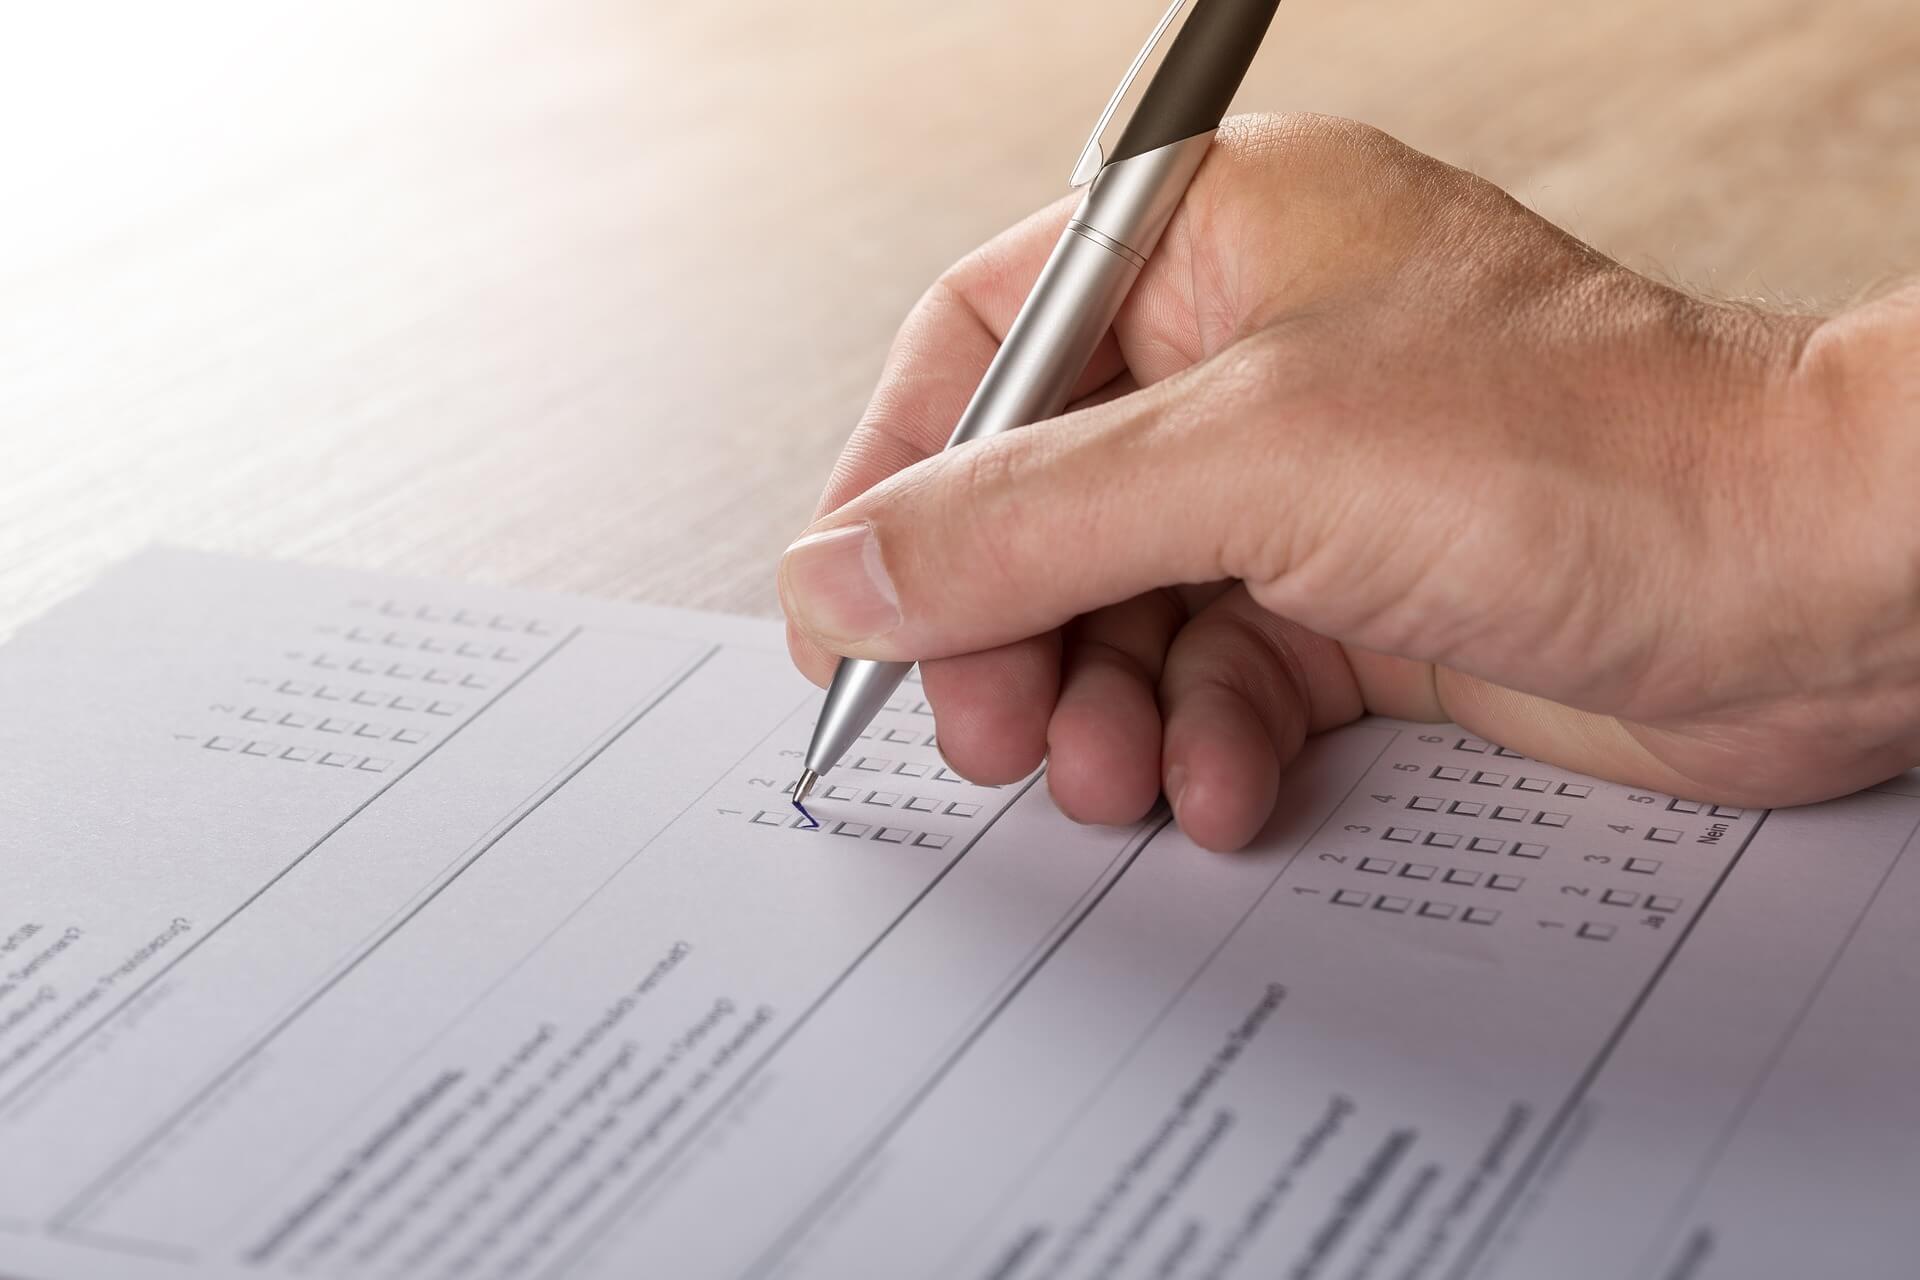 Fragebogen ausfüllen - Begabungsdiagnostik für Erwachsene